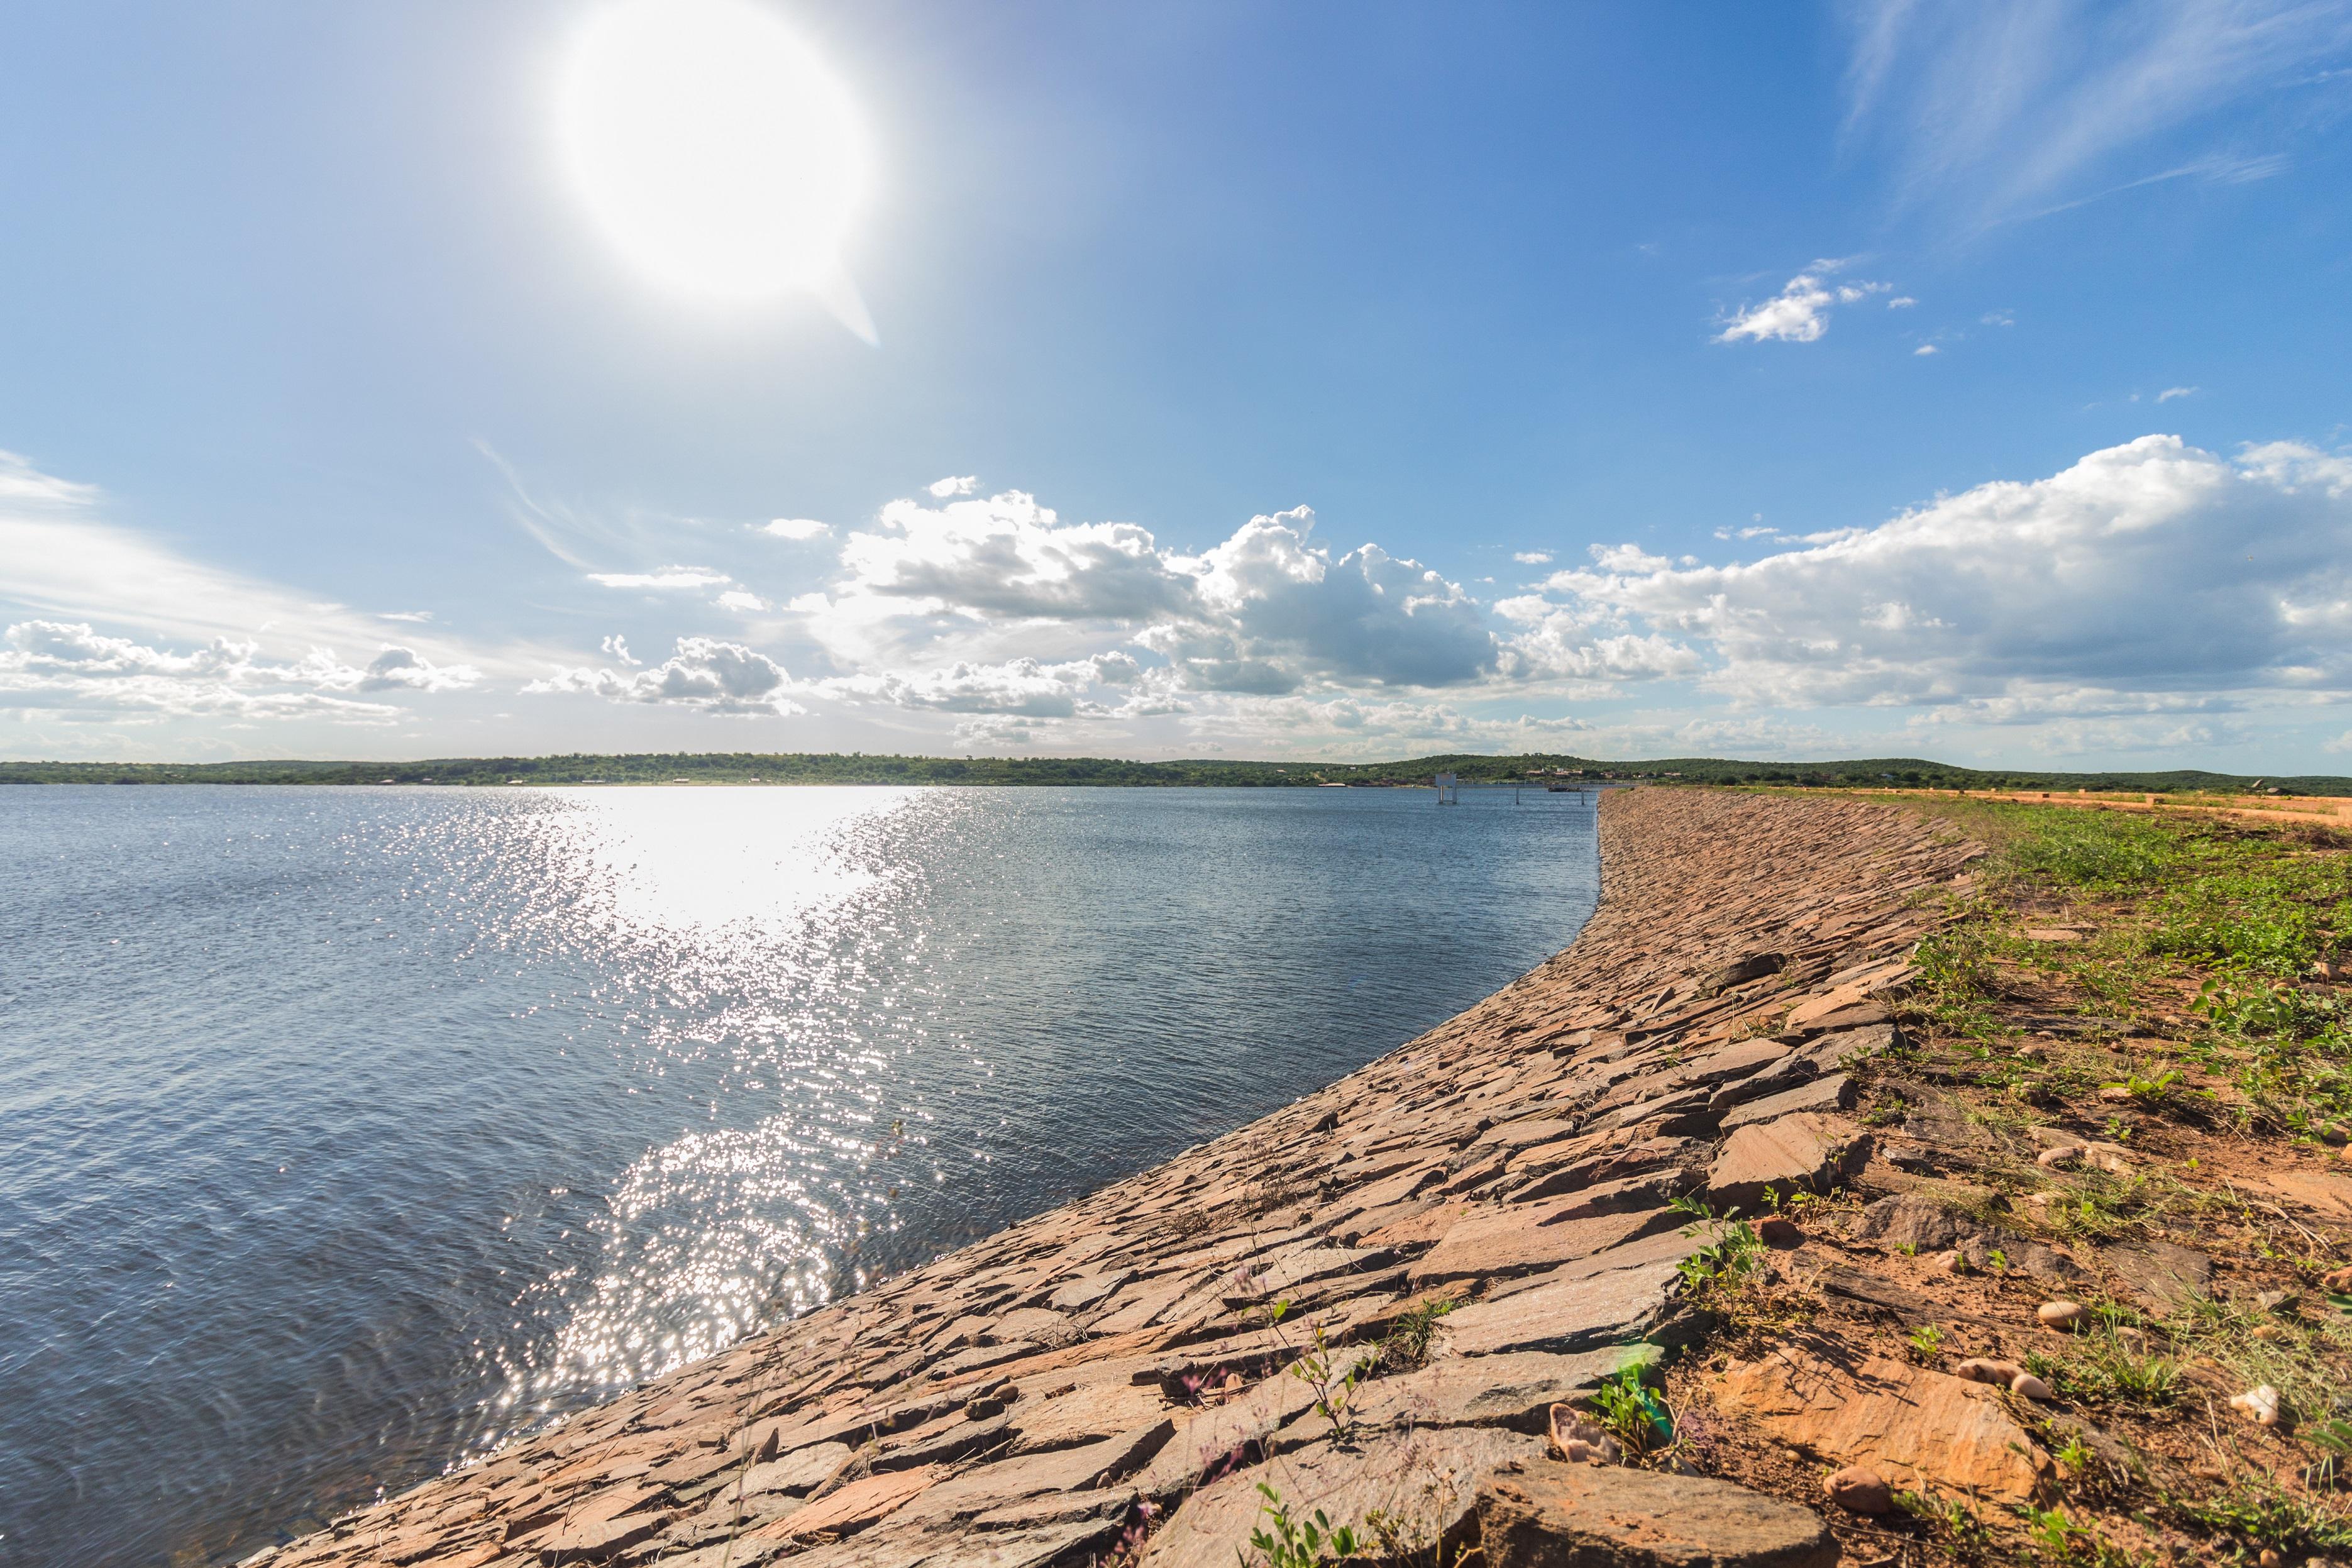 Reservas hídricas chegam em 31,57% após quadra chuvosa no interior do Estado; veja relatório que ainda alerta oito em volume morto